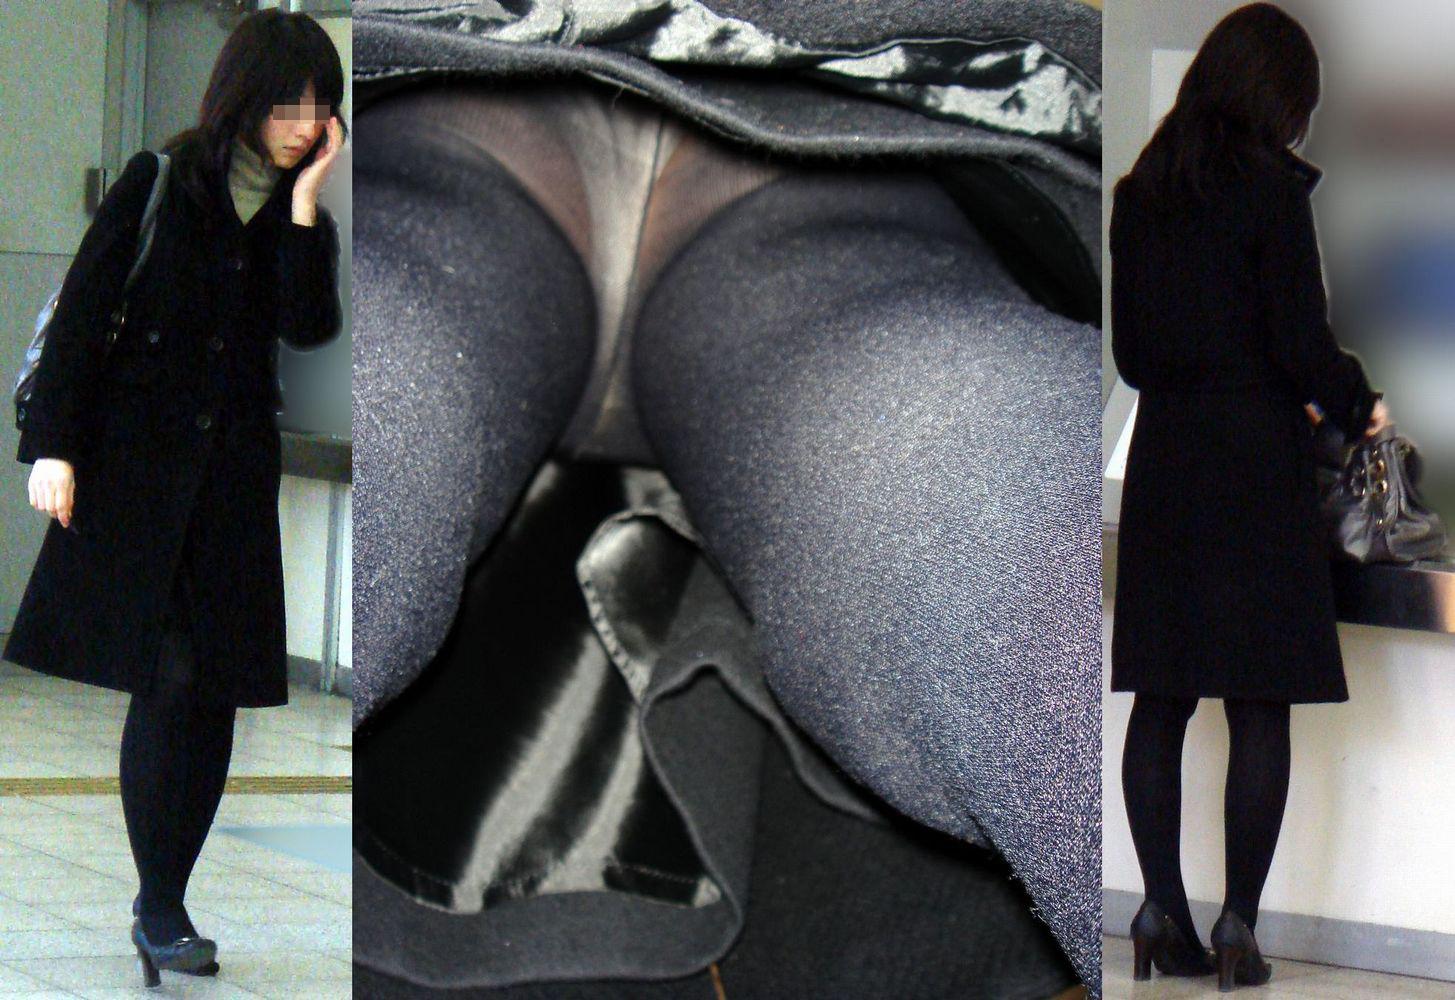 【パンチラエロ画像】その奥はどんな香りが…嗅覚的にも欲しいパンスト着衣の逆さ撮り(;´Д`)